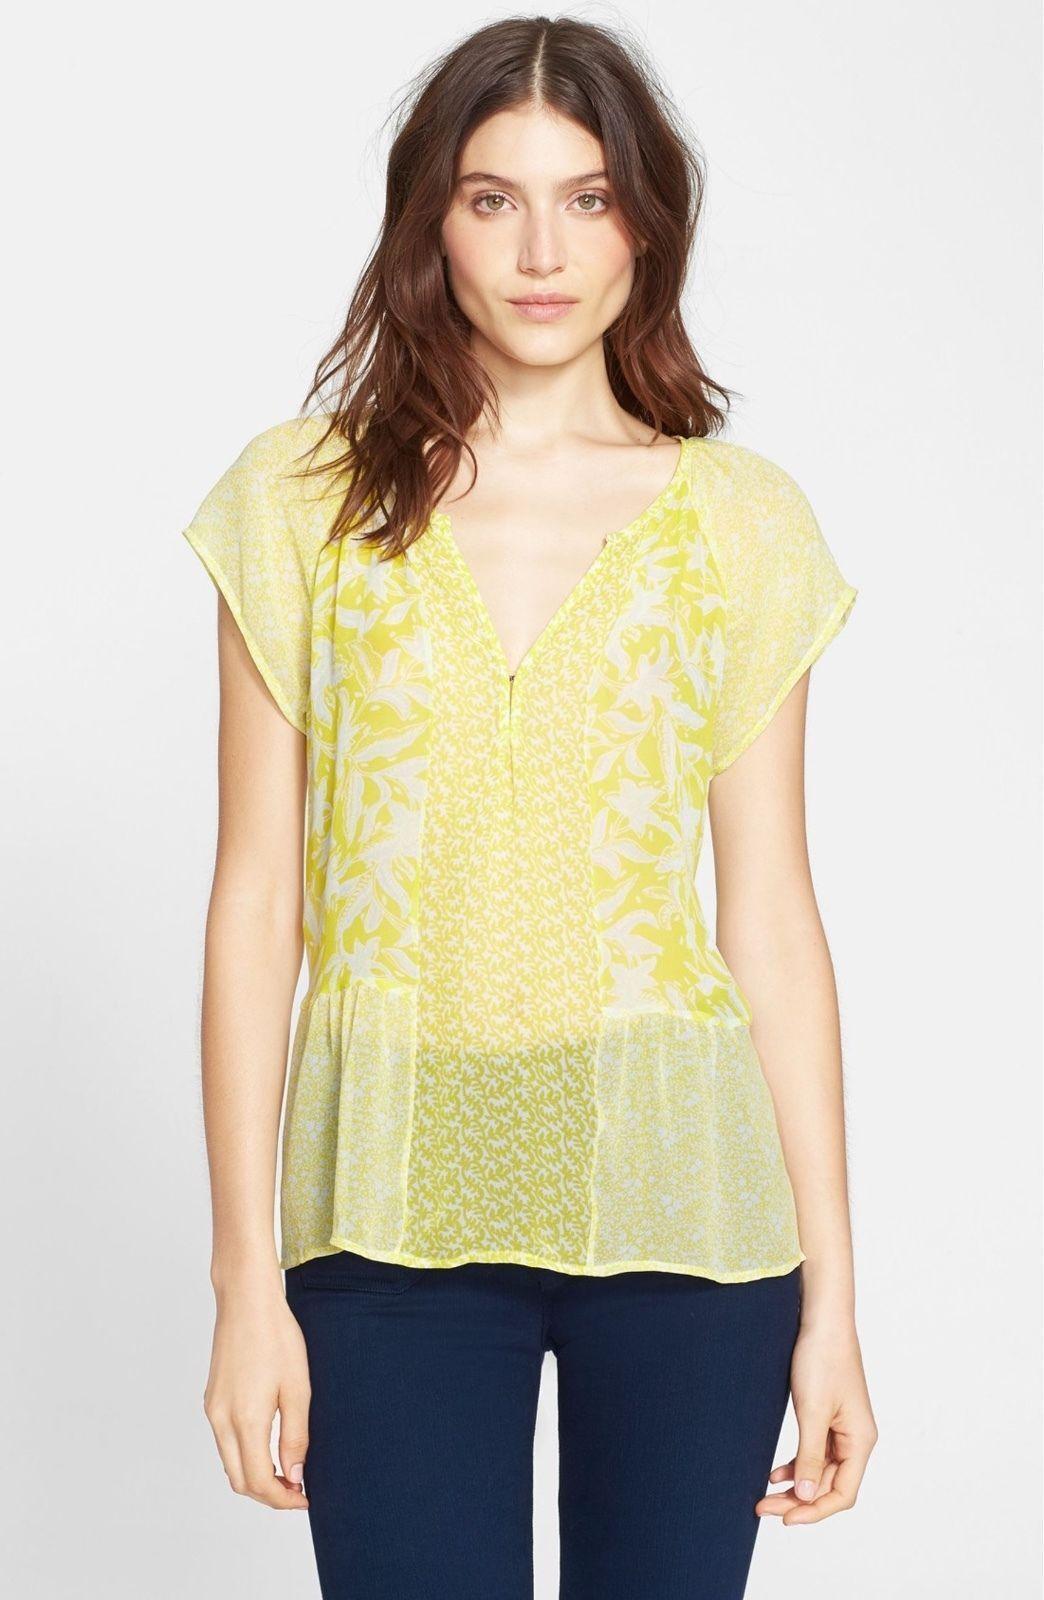 NWT  Joie 'Anerae' Silk Top Gelb-Lime [SZ Medium]  H64